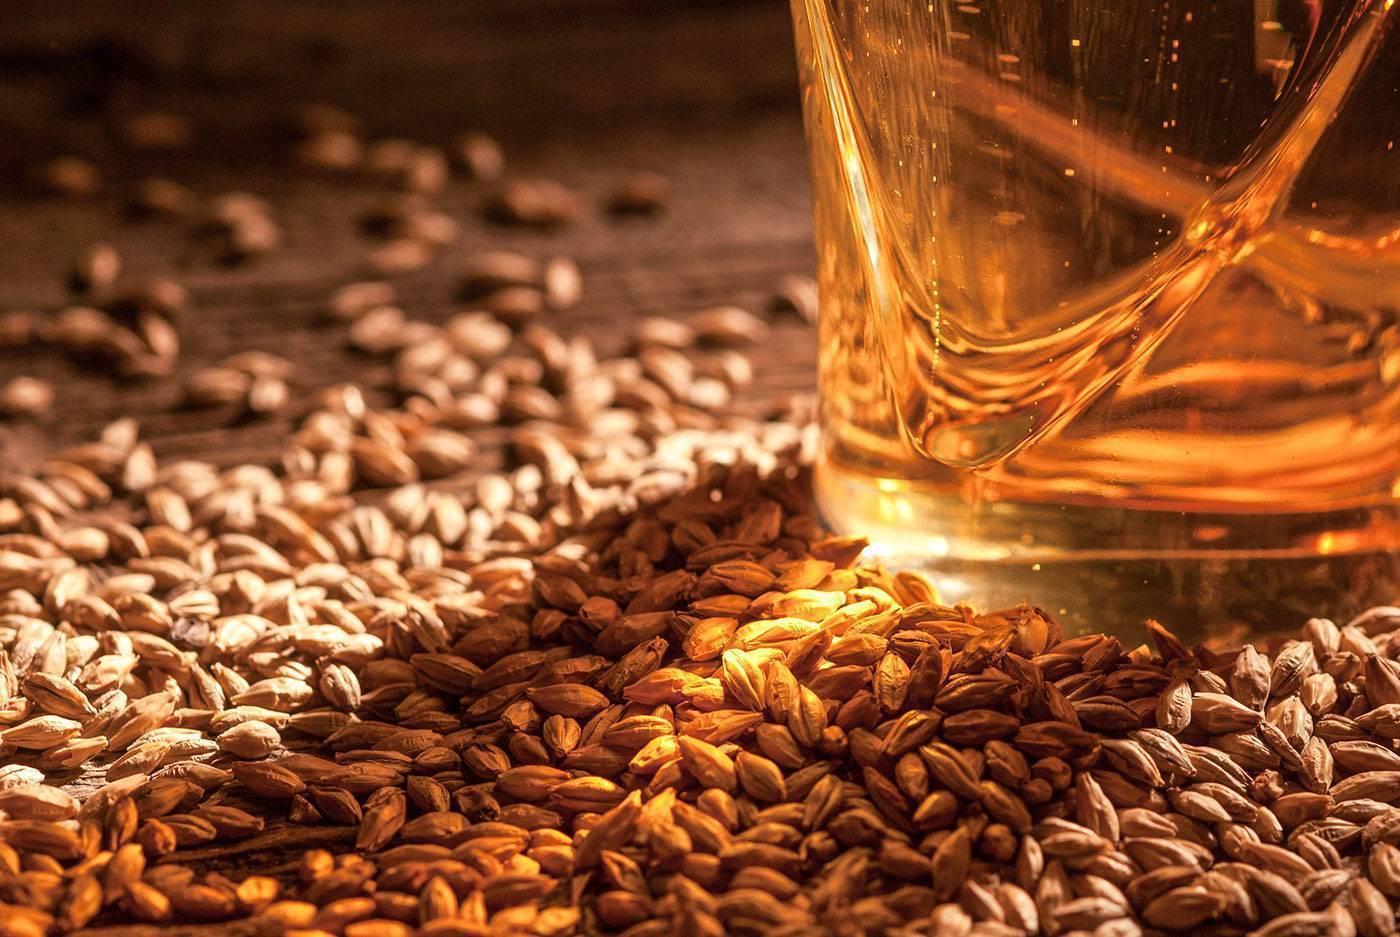 Солод: как выглядит и где взять, сферы применения и сорта, изготовление хлеба и пива на основе ячменных зерен